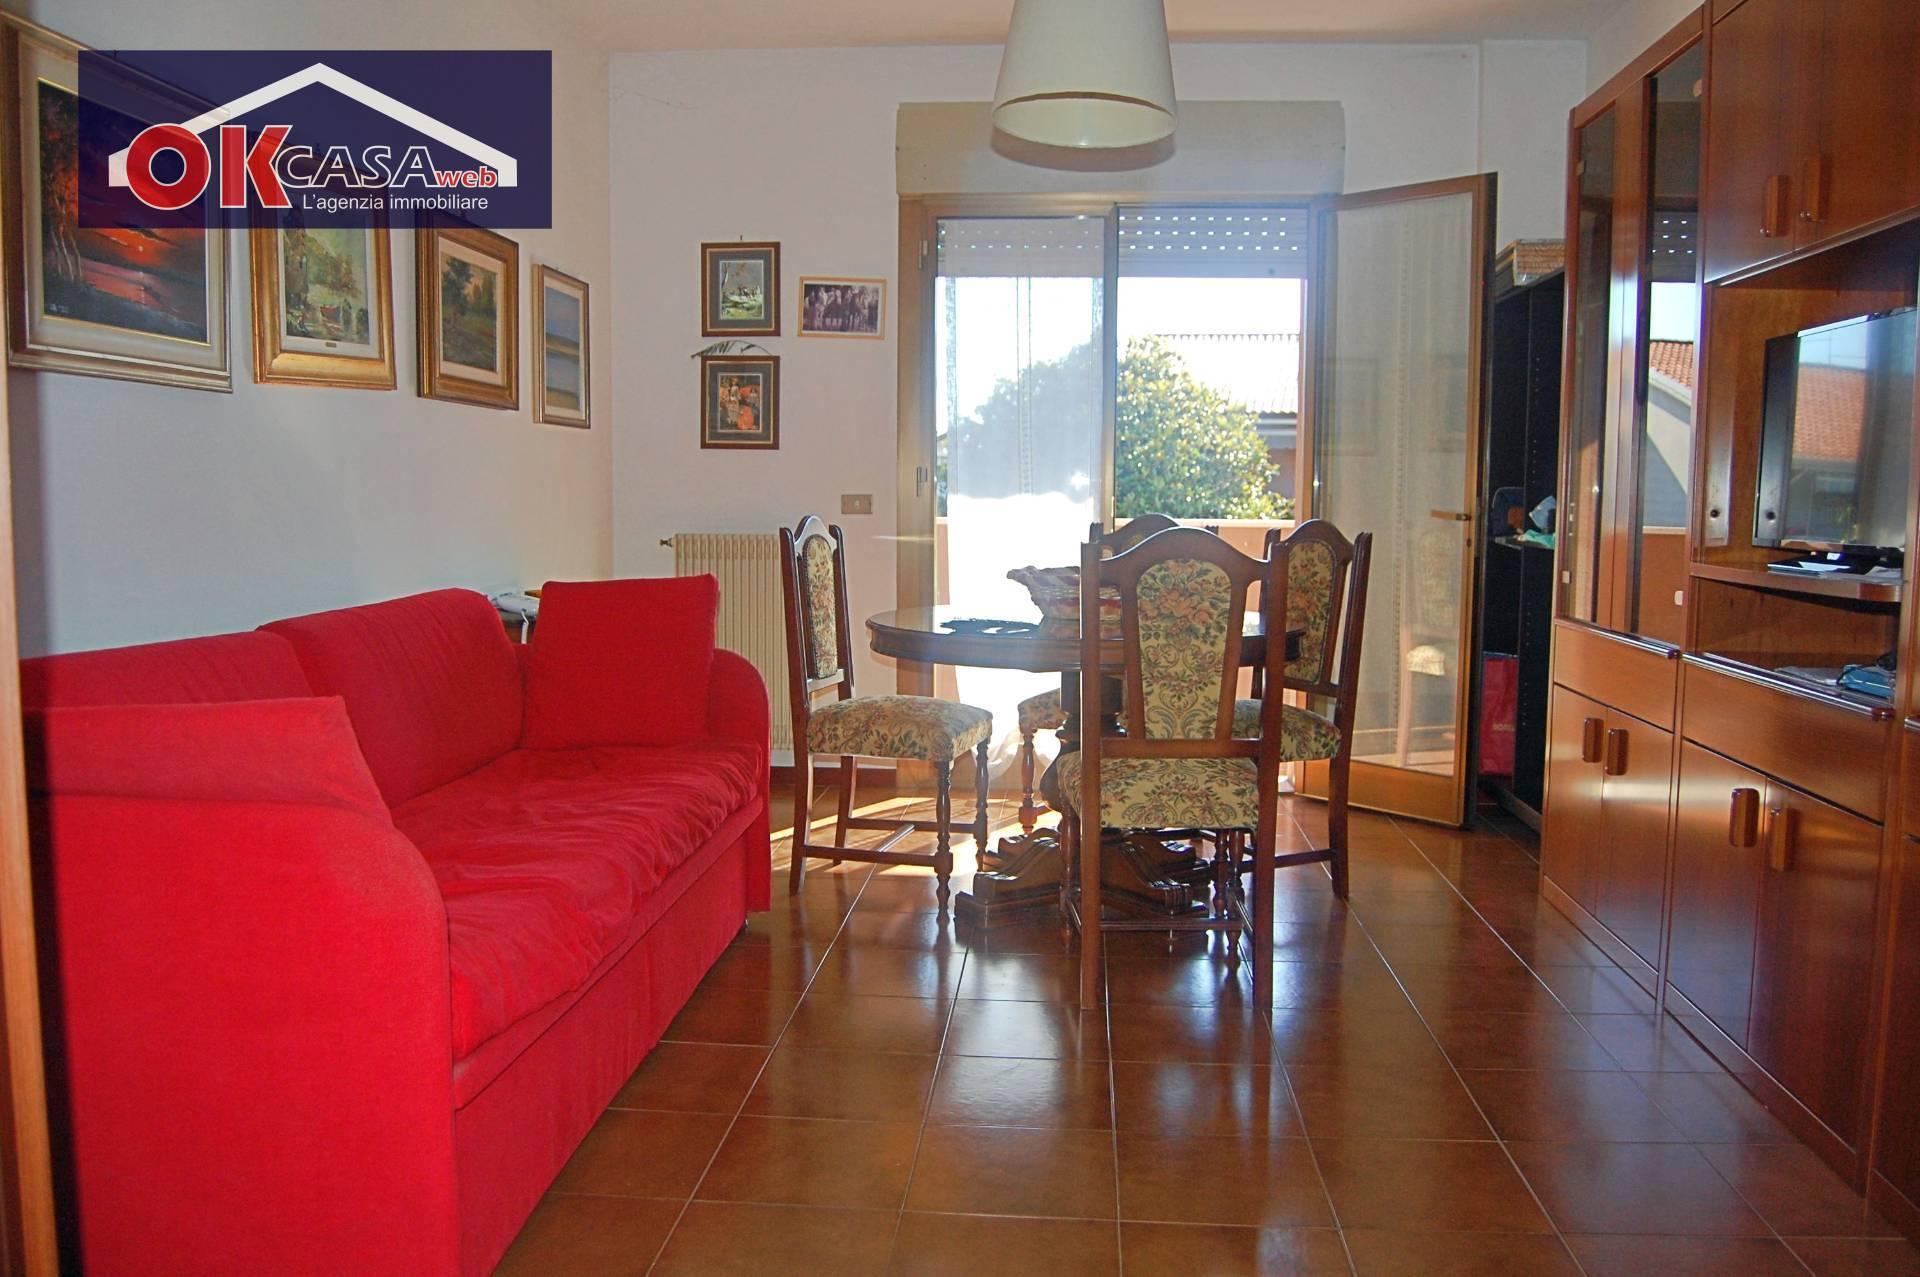 Appartamento | Udine, Fiumicello Villa Vicentina, via della distilleria